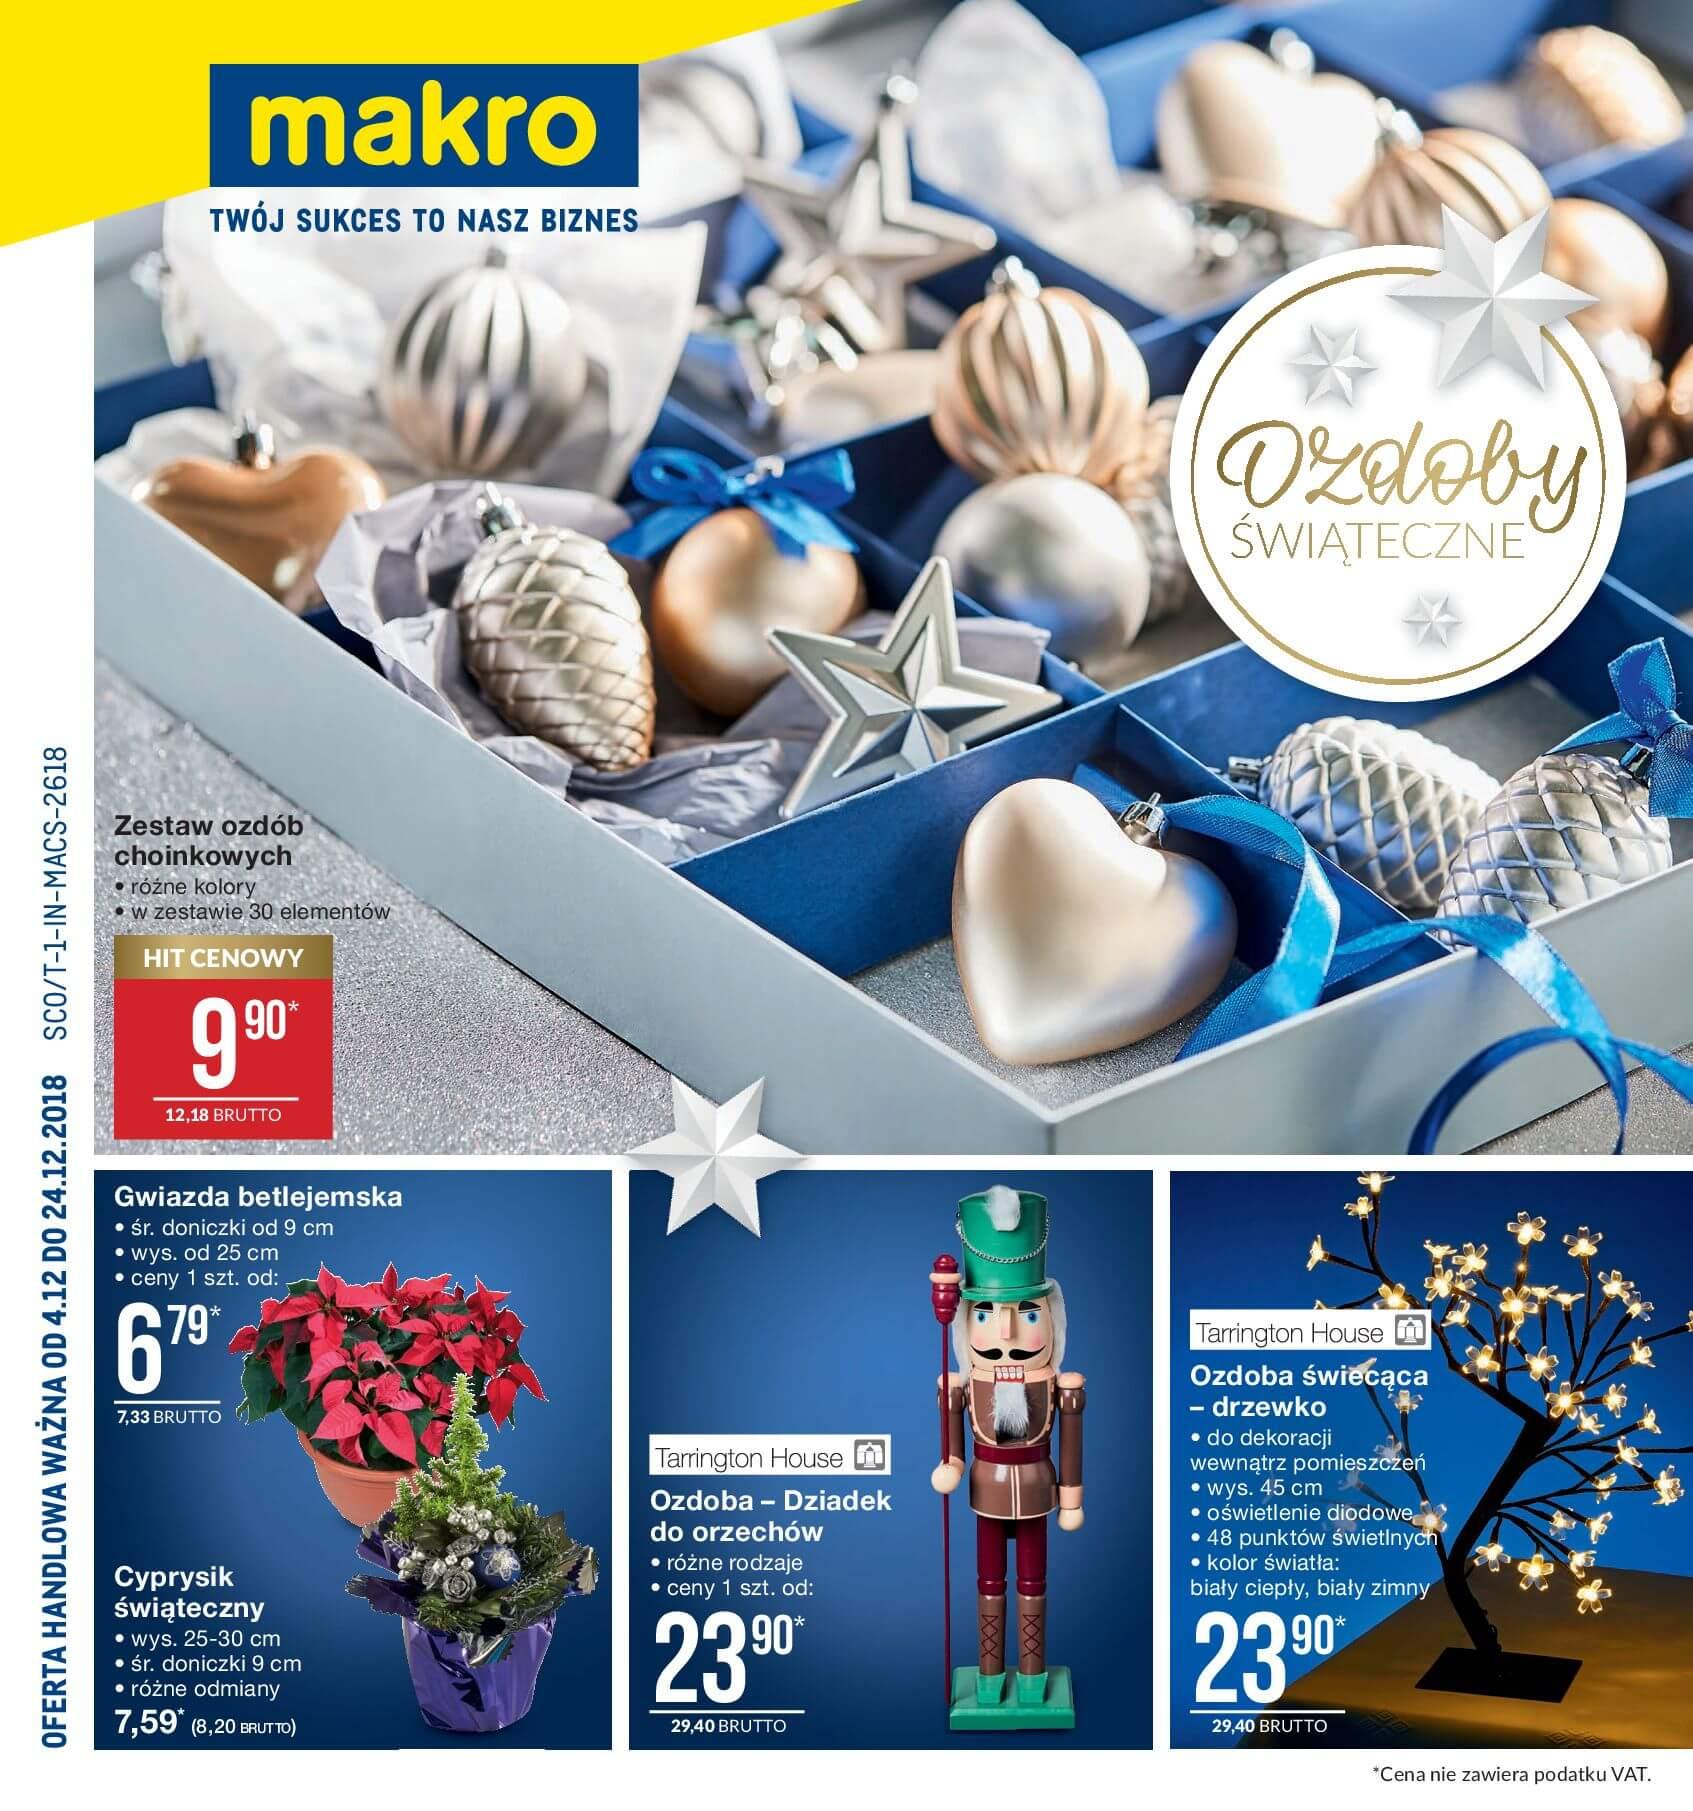 Gazetka Makro - Ozdoby świąteczne-02.12.2018-24.12.2018-page-